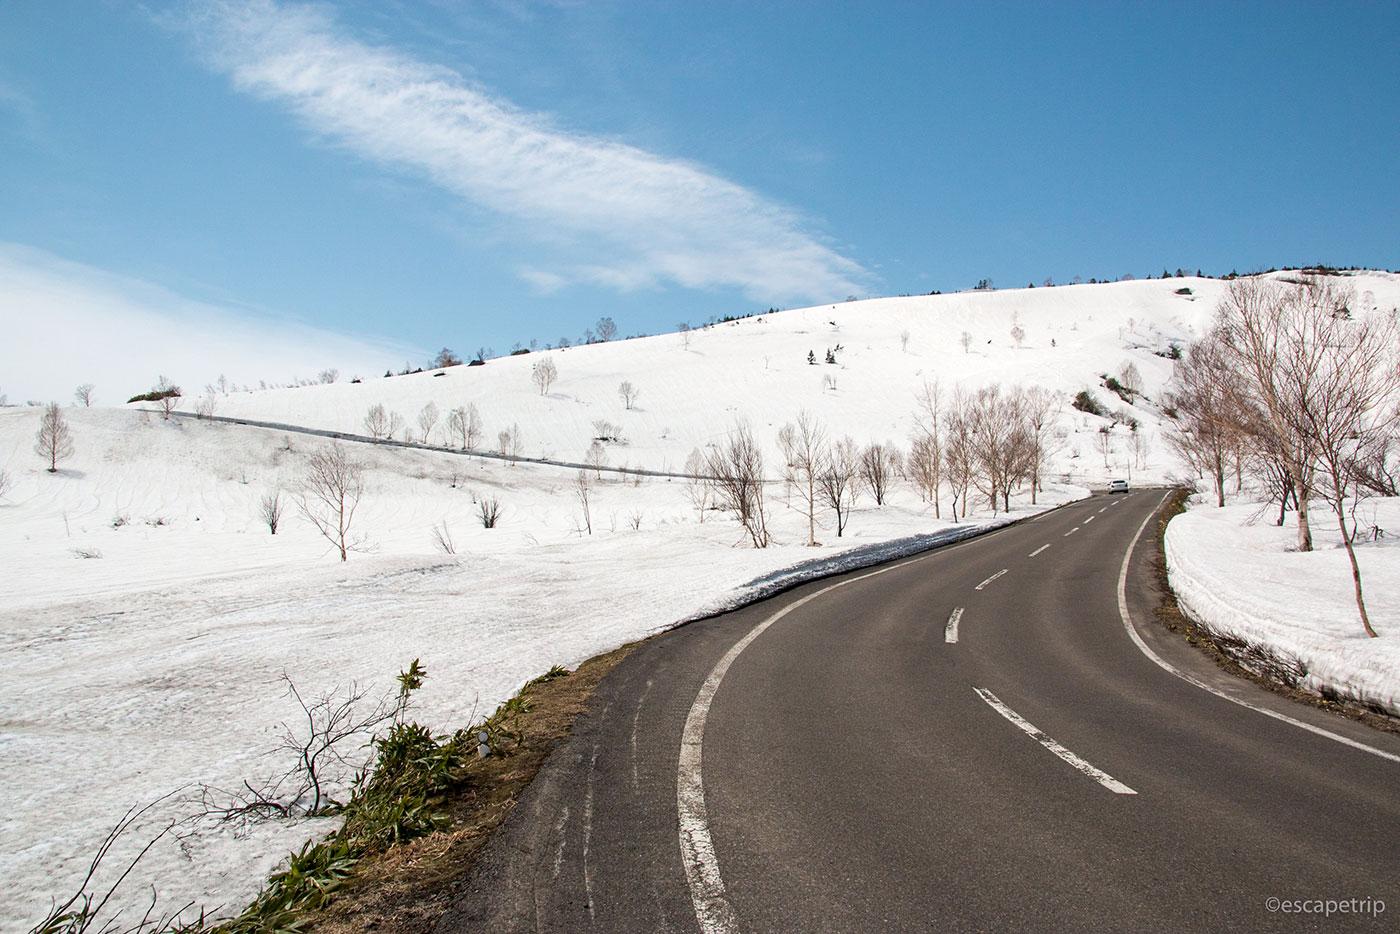 八幡平アスピーテラインの雪